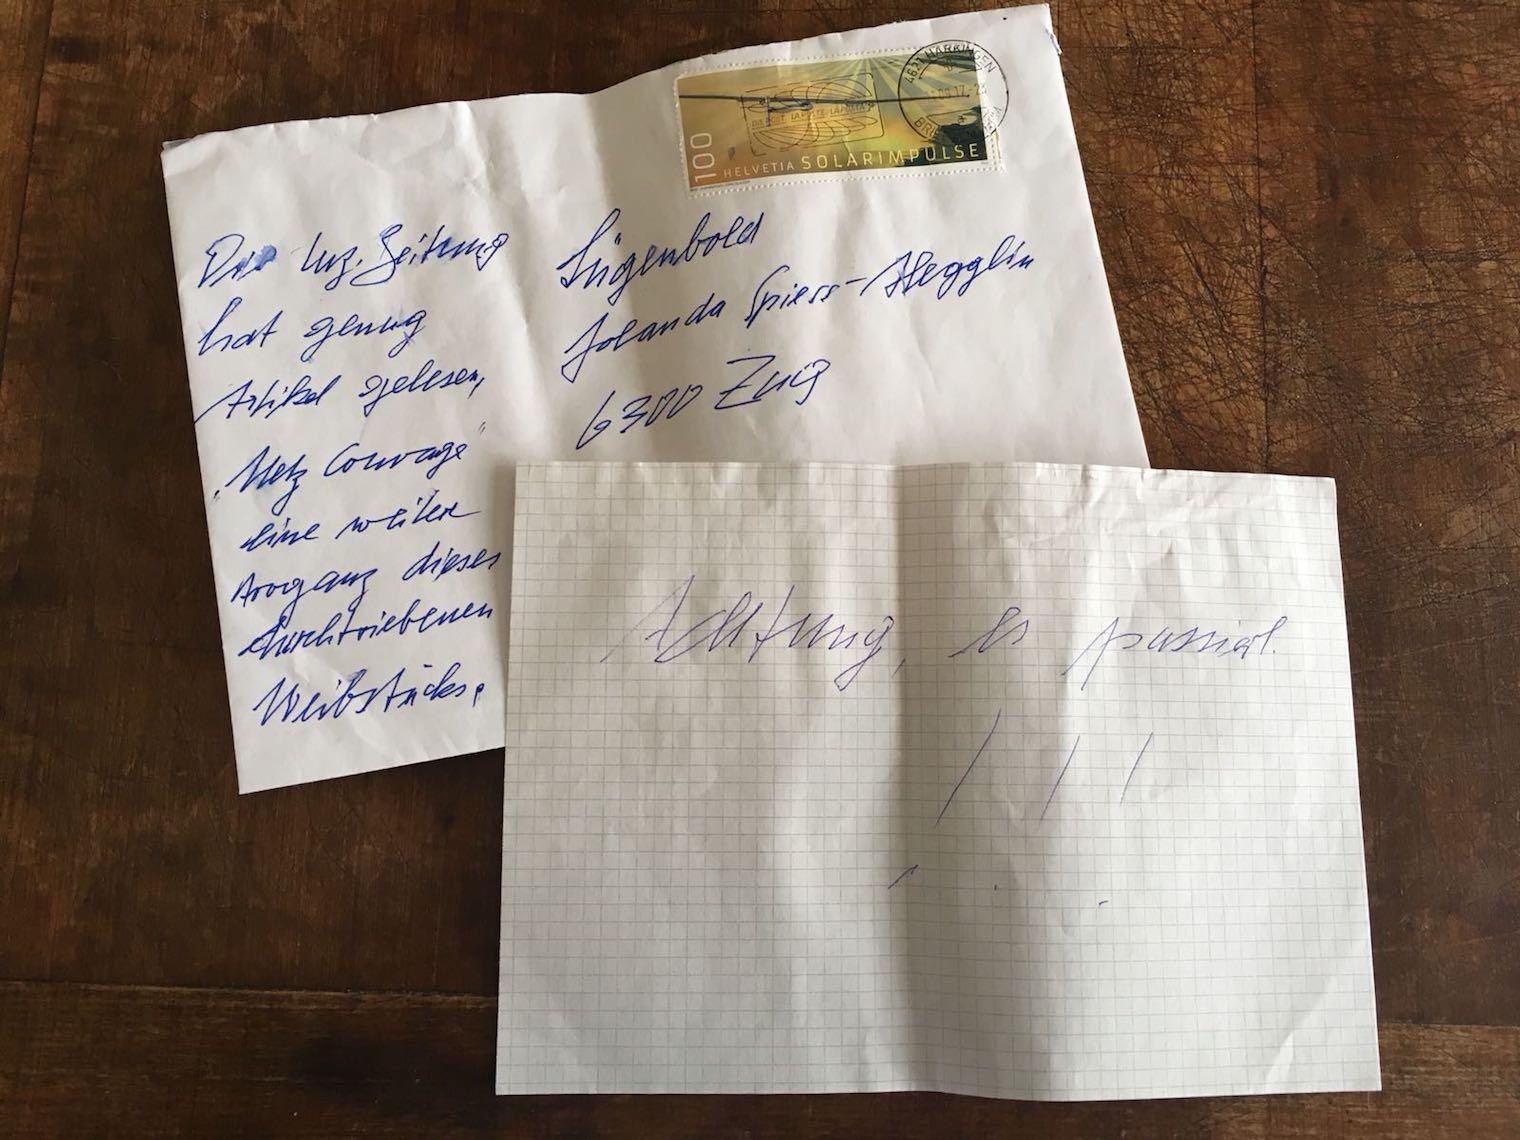 Der anonyme, durch die Polizei retournierte Drohbrief.